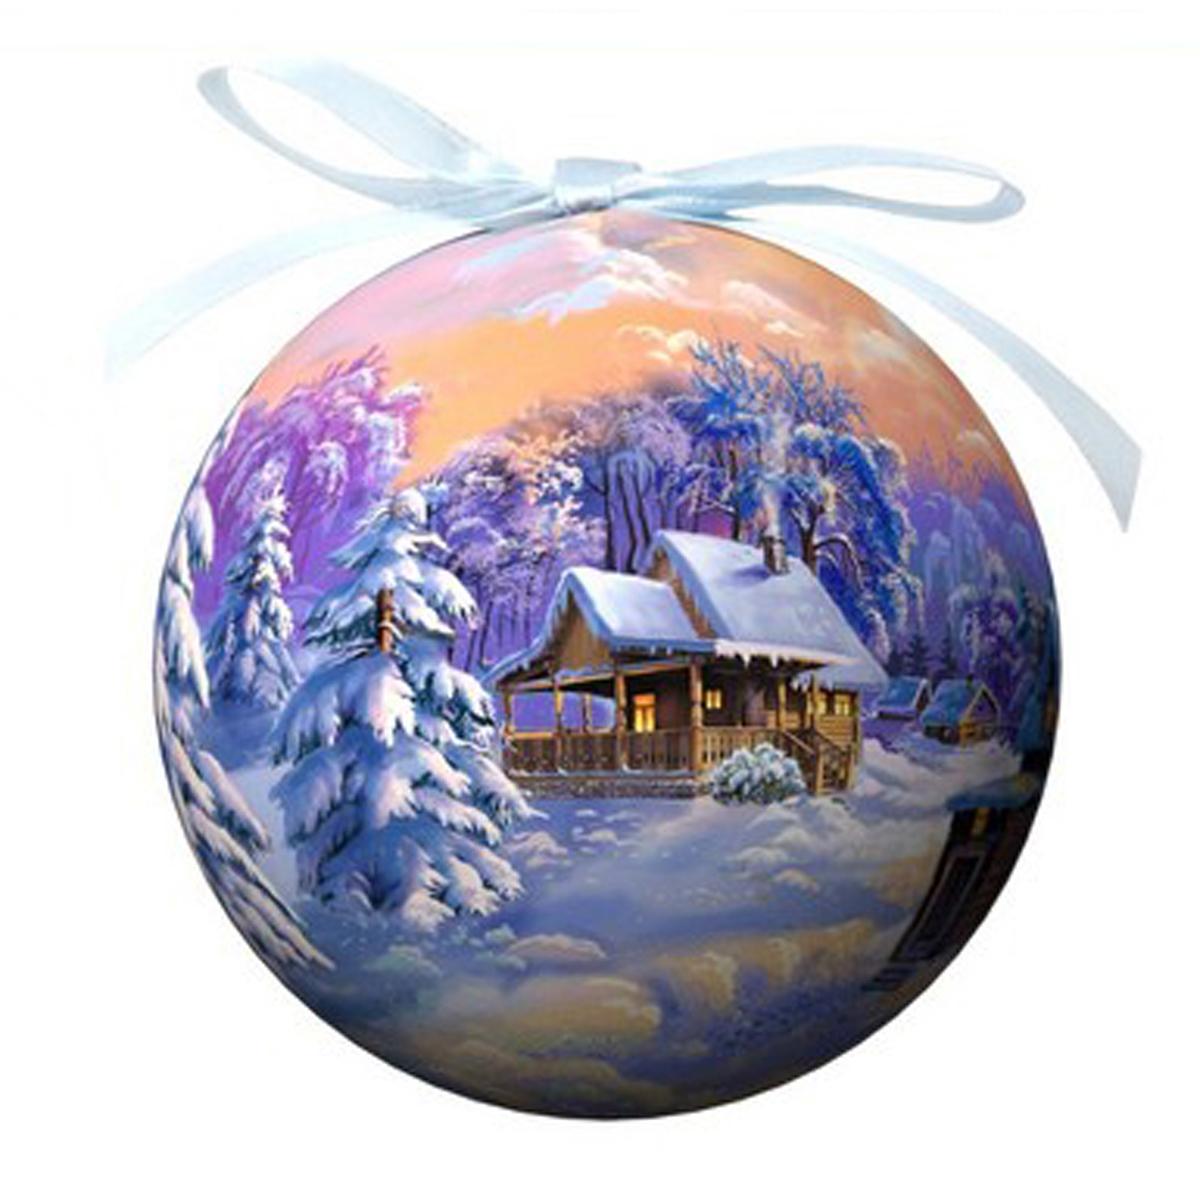 Елочное украшение Шар. Зимний пейзаж, диаметр 10 см. 2031820318Оригинальное подвесное украшение Шар. Зимний пейзаж прекрасно подойдет для праздничного декора дома и новогодней ели. Шар, выполненный из пластмассы, оформлен красочным изображением зимней природы. Благодаря плотному корпусу изделие никогда не разобьется, поэтому вы можете быть уверены, что оно прослужит вам долгие годы. С помощью атласной ленточки фиолетового цвета украшение можно повесить на новогоднюю елку. Елочная игрушка - символ Нового года. Она несет в себе волшебство и красоту праздника. Создайте в своем доме атмосферу веселья и радости, украшая новогоднюю елку нарядными игрушками, которые будут из года в год накапливать теплоту воспоминаний. Характеристики: Материал: пластмасса (вспененный полистирол), текстиль. Диаметр шара: 10 см. Размер упаковки: 11 см х 11 см х 14,5 см. Производитель: Россия. Изготовитель: Китай. Артикул: 20318.